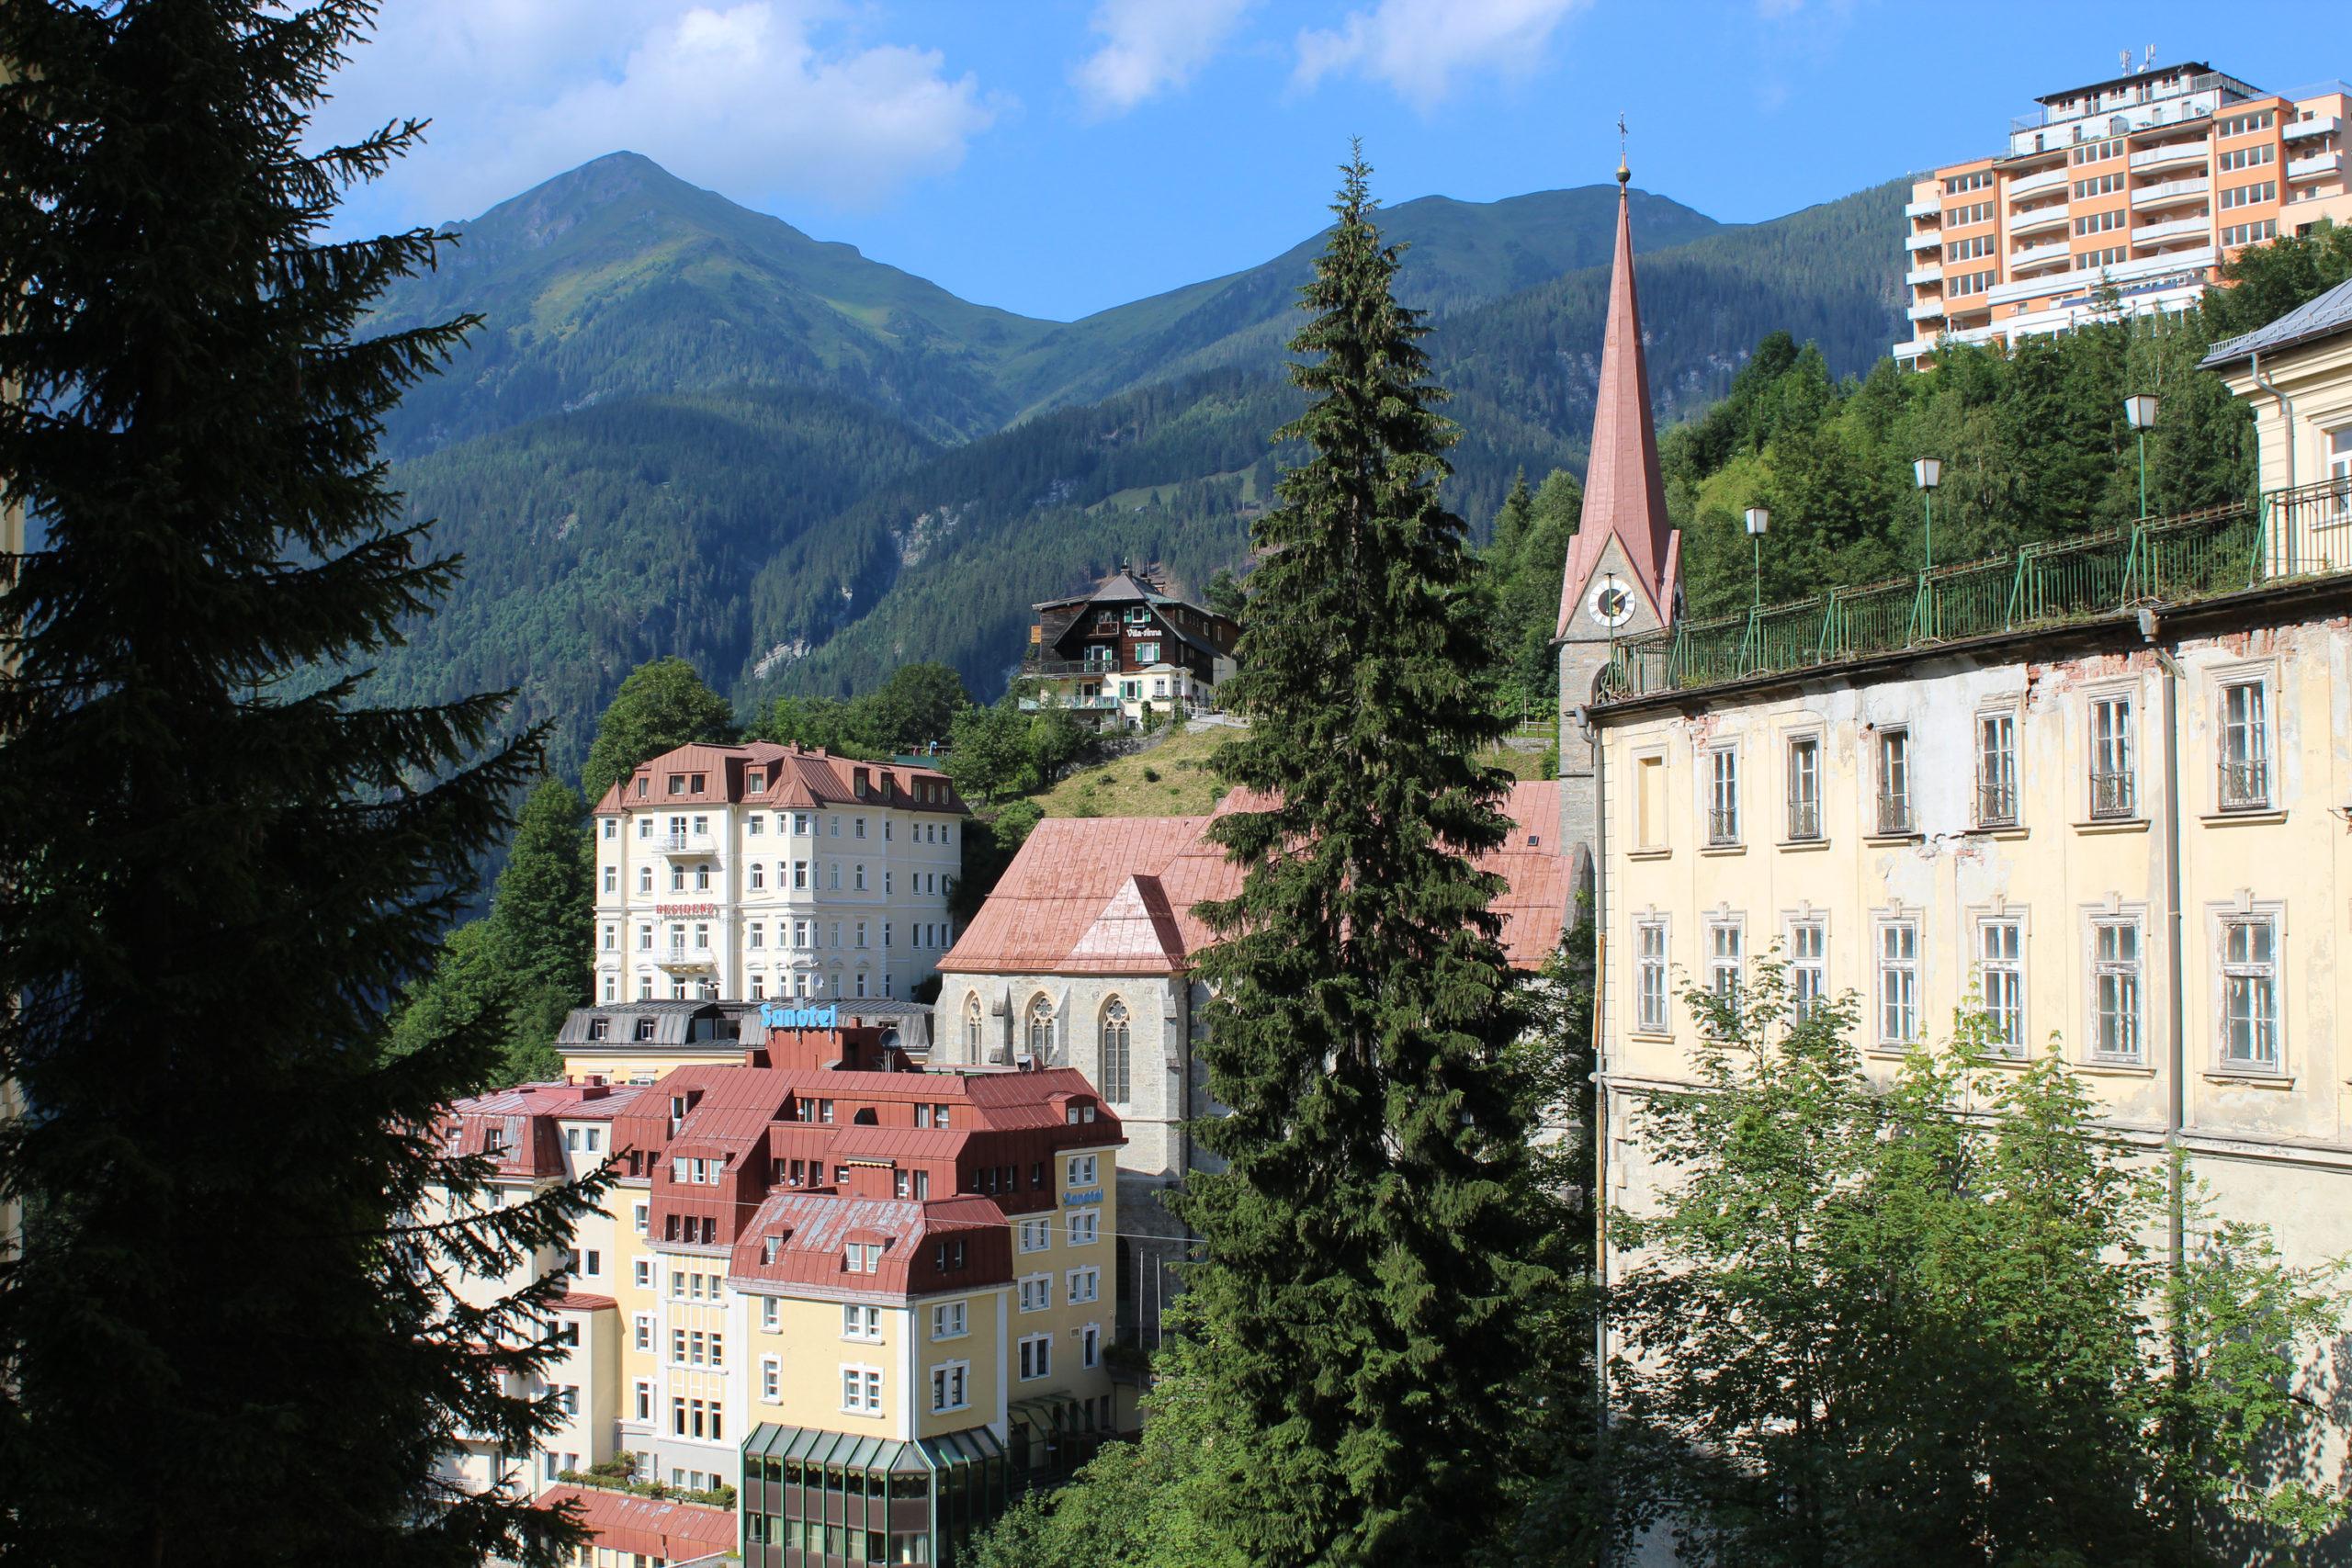 Panorama na miasto i góry